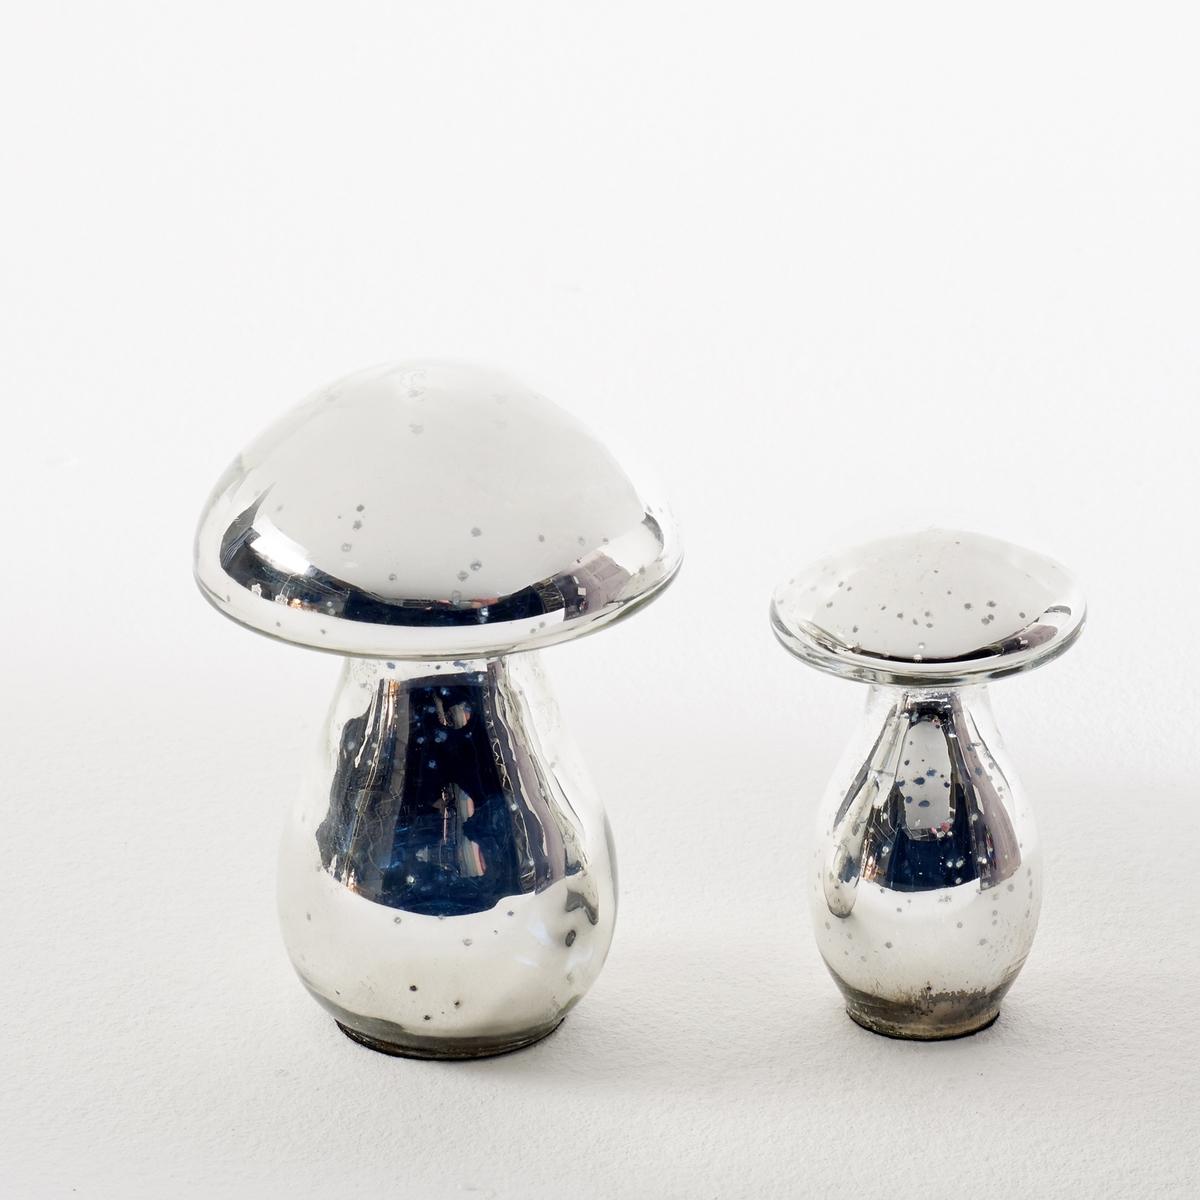 2 гриба из ртутного стекла, EldaХарактеристики грибов Elda :Изготовлены из ртутного стекла .Ножка из фетрина.грибы разного размера .Найдите коллекцию Elda и другие предметы декора на сайте laredoute.ruРазмеры грибов Elda :Маленький ?5,6 x Выс10 см+Большой ?9 x Выс13 см<br><br>Цвет: серый серебристый